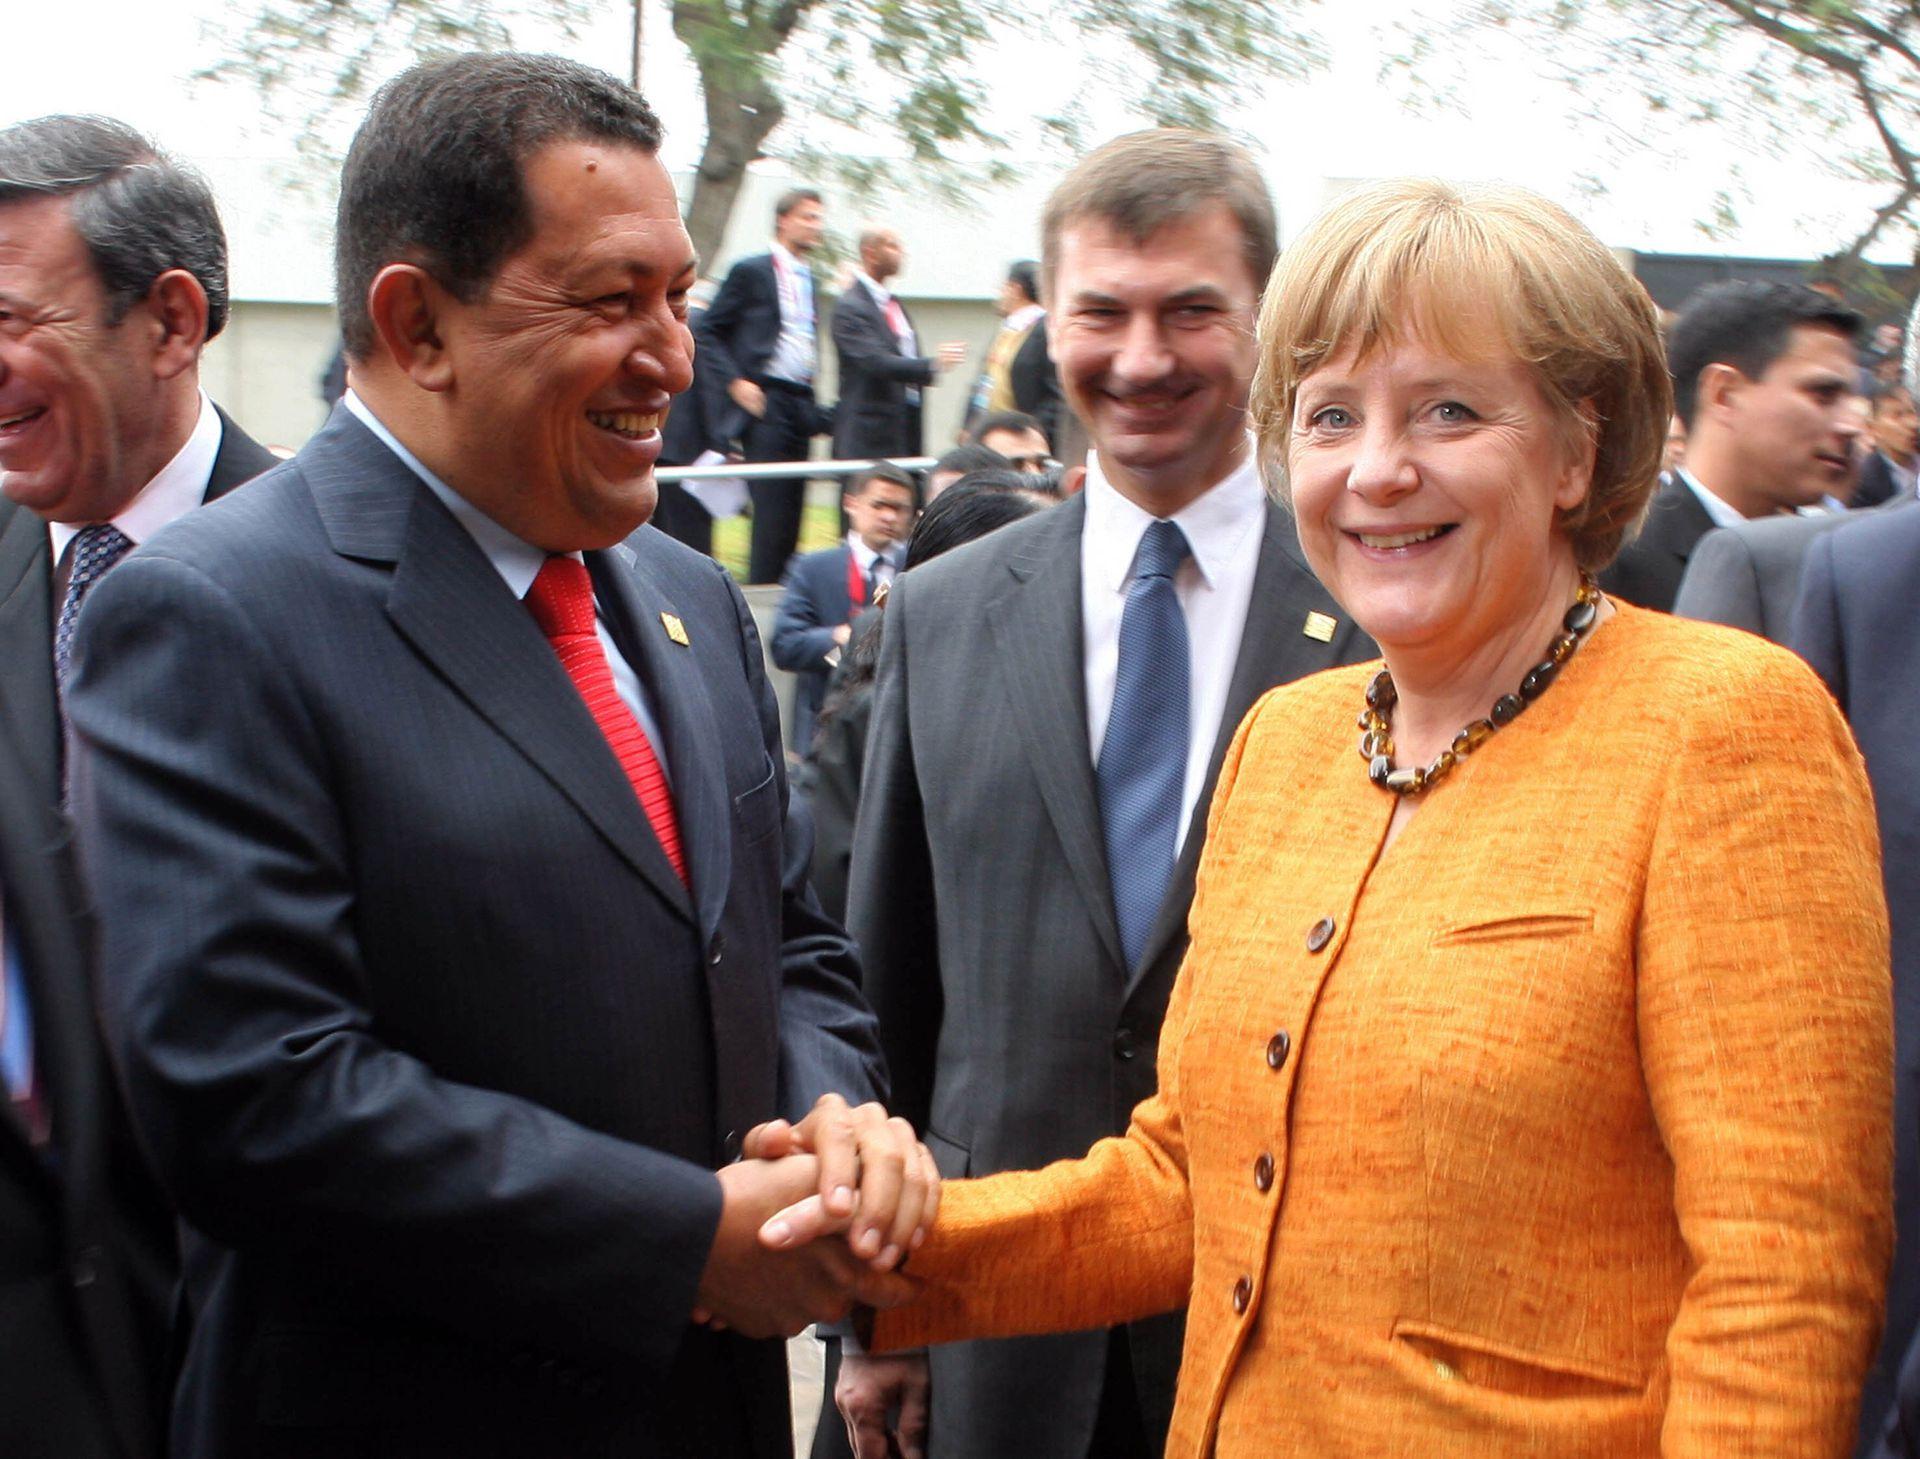 Un saludo entre el presidente venezolano Hugo Chávez y la canciller alemana Angela Merkel frente al Museo de la Nación para la V Cumbre de Jefes de Estado y de Gobierno de América Latina, el Caribe y la Unión Europea (ALC-UE) en Lima, el 16 de mayo de 2008